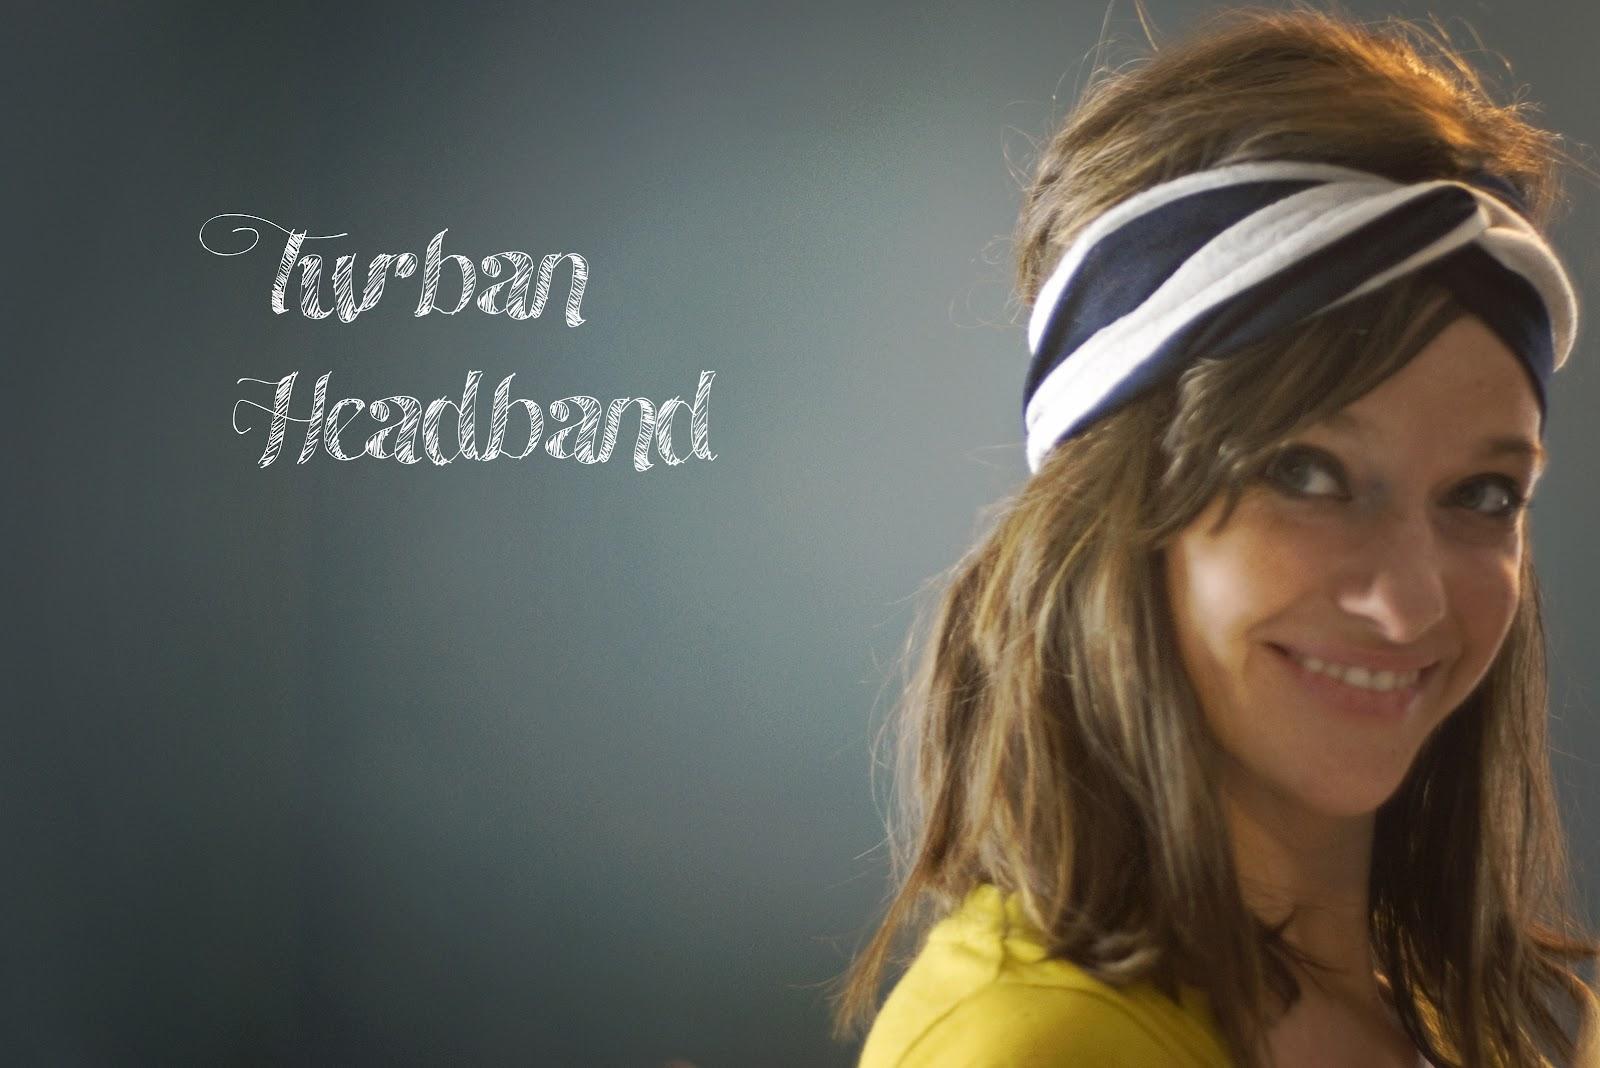 http://4.bp.blogspot.com/-iNgl2GKYQwc/T0bHXKmY7II/AAAAAAAAAQk/X-WOOG80GEk/s1600/turban%2Bheadband.jpg